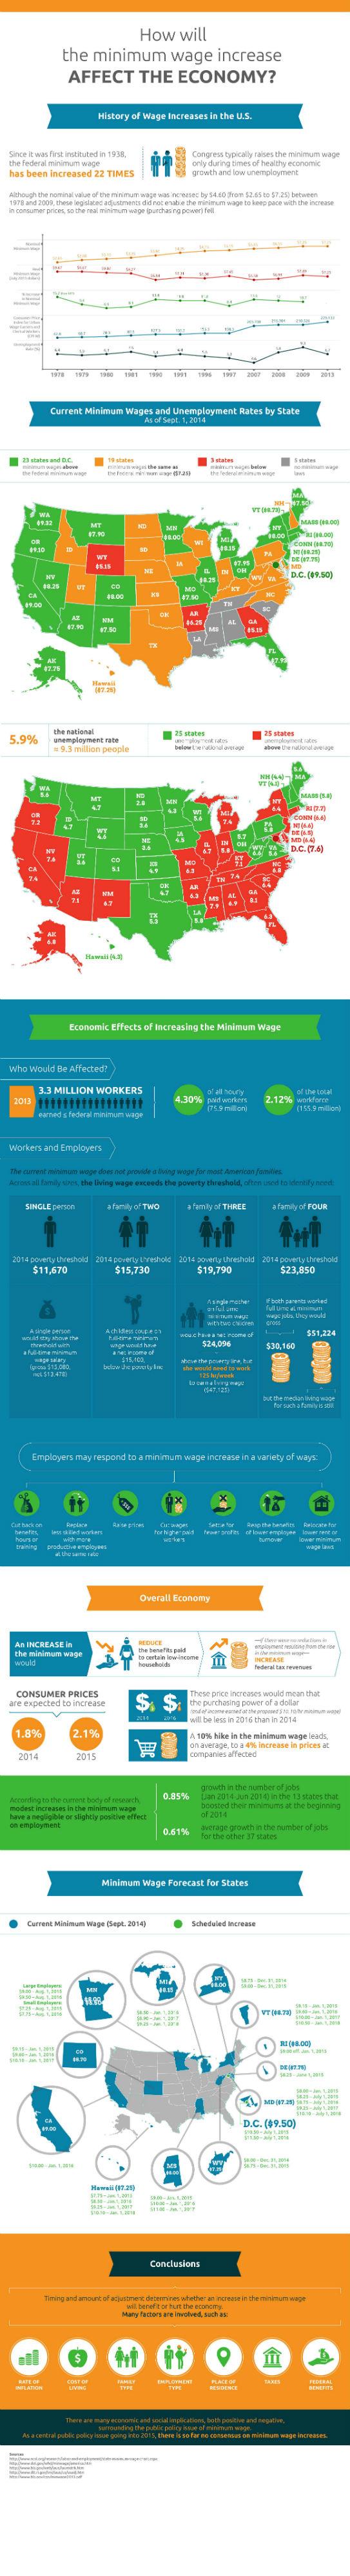 Basics of the Minimum Wage [Infographic]